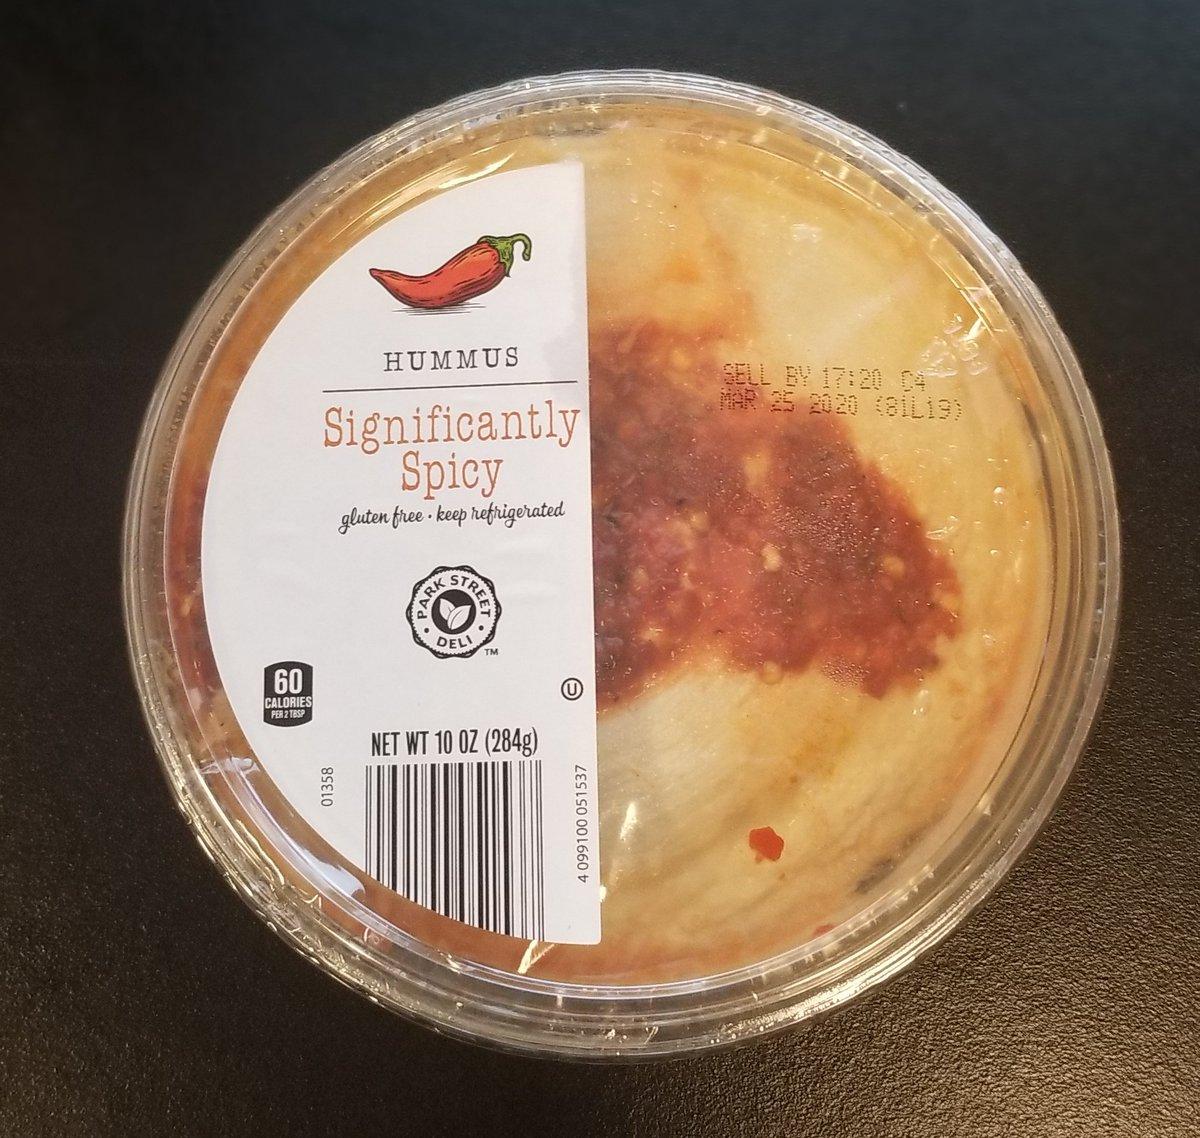 My new favorite hummus (p<.05)